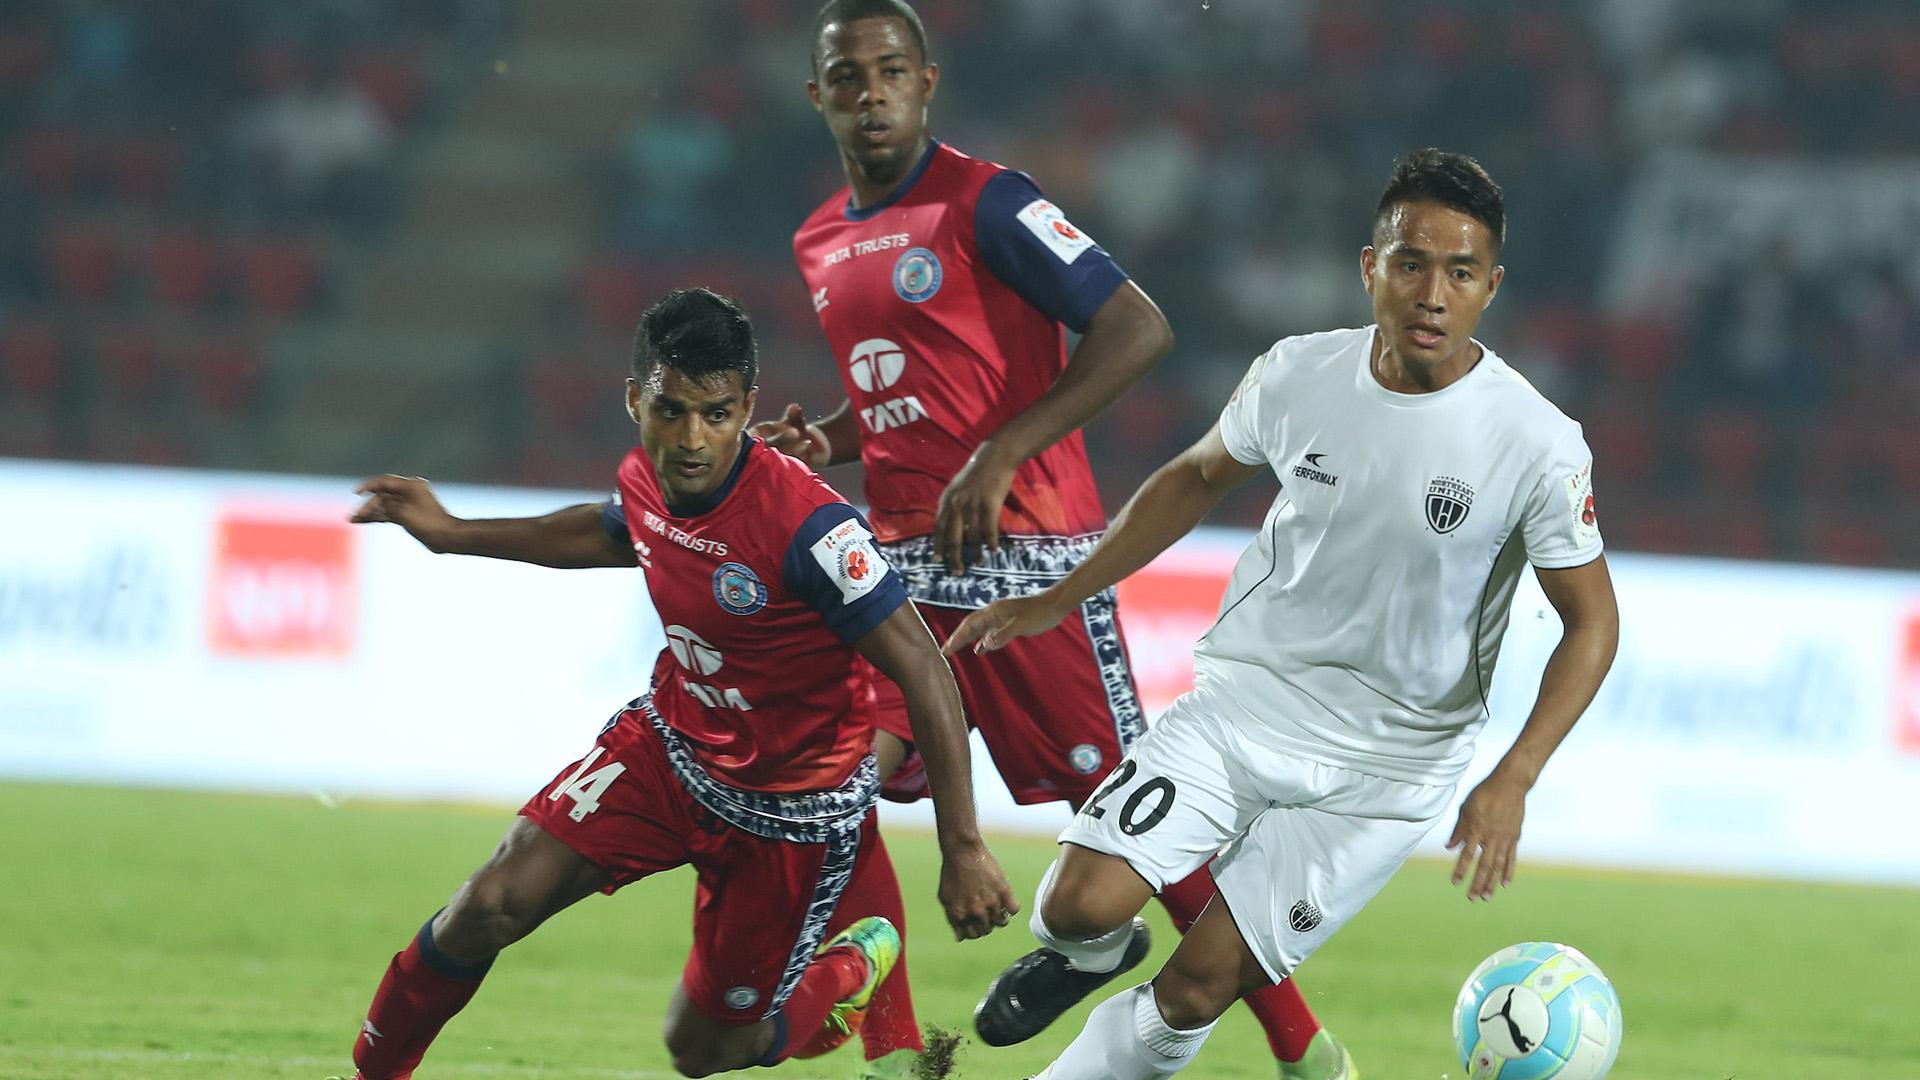 Lalrindika Ralte NorthEast United FC Jamshedpur FC ISL Season 4 2017/2018